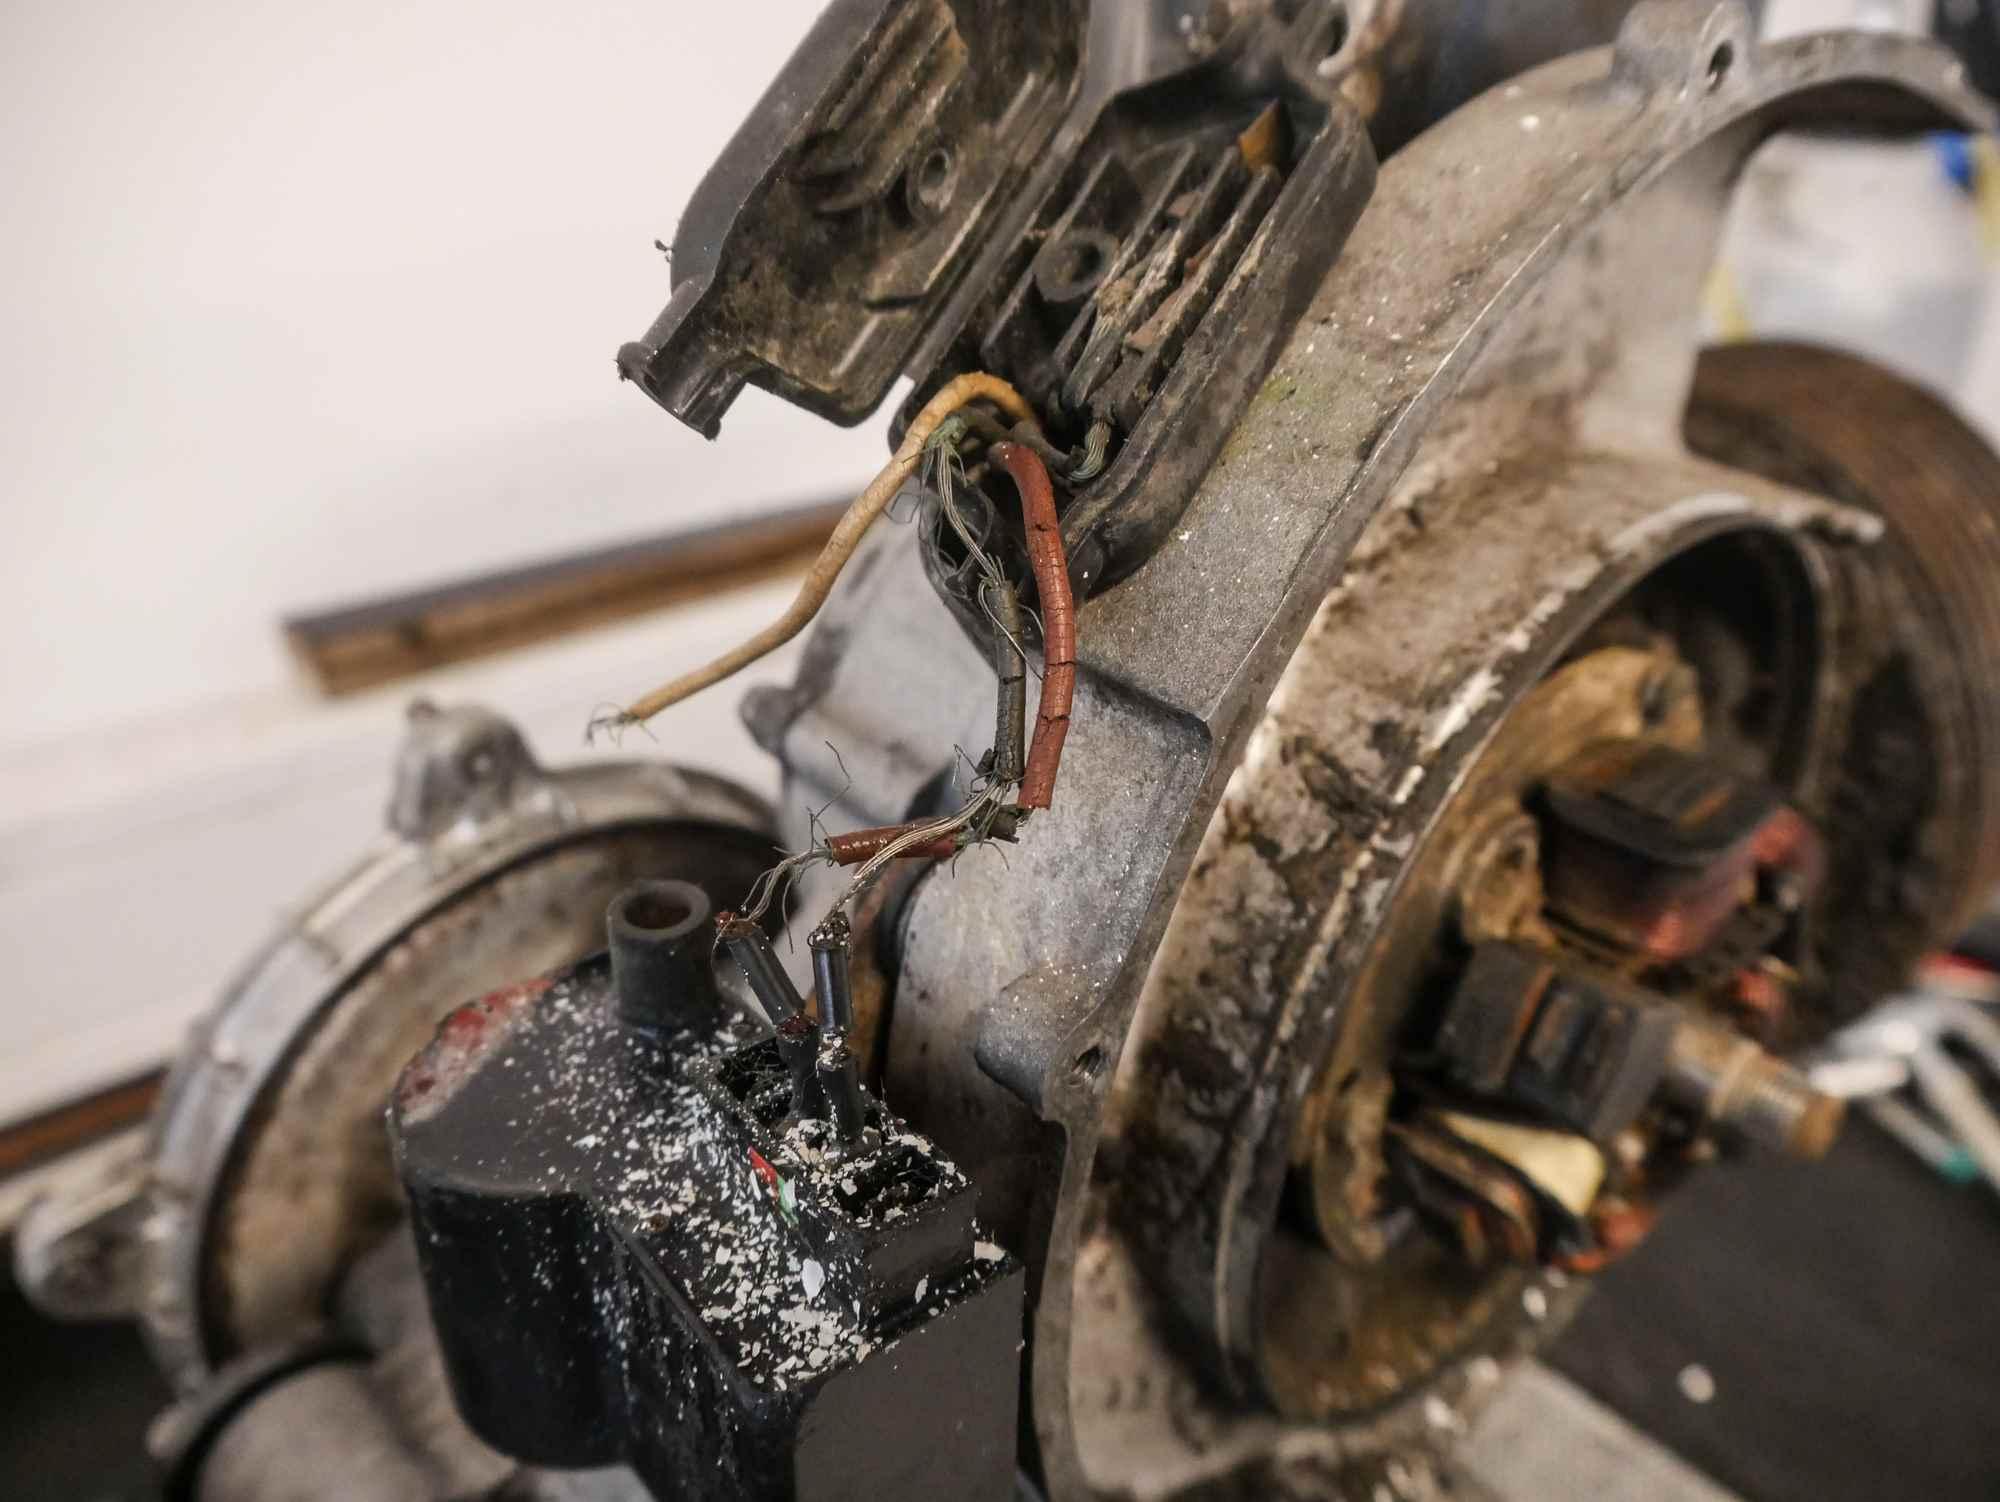 Vespa PX200 motor in schlechtem Zustand während der Demontage